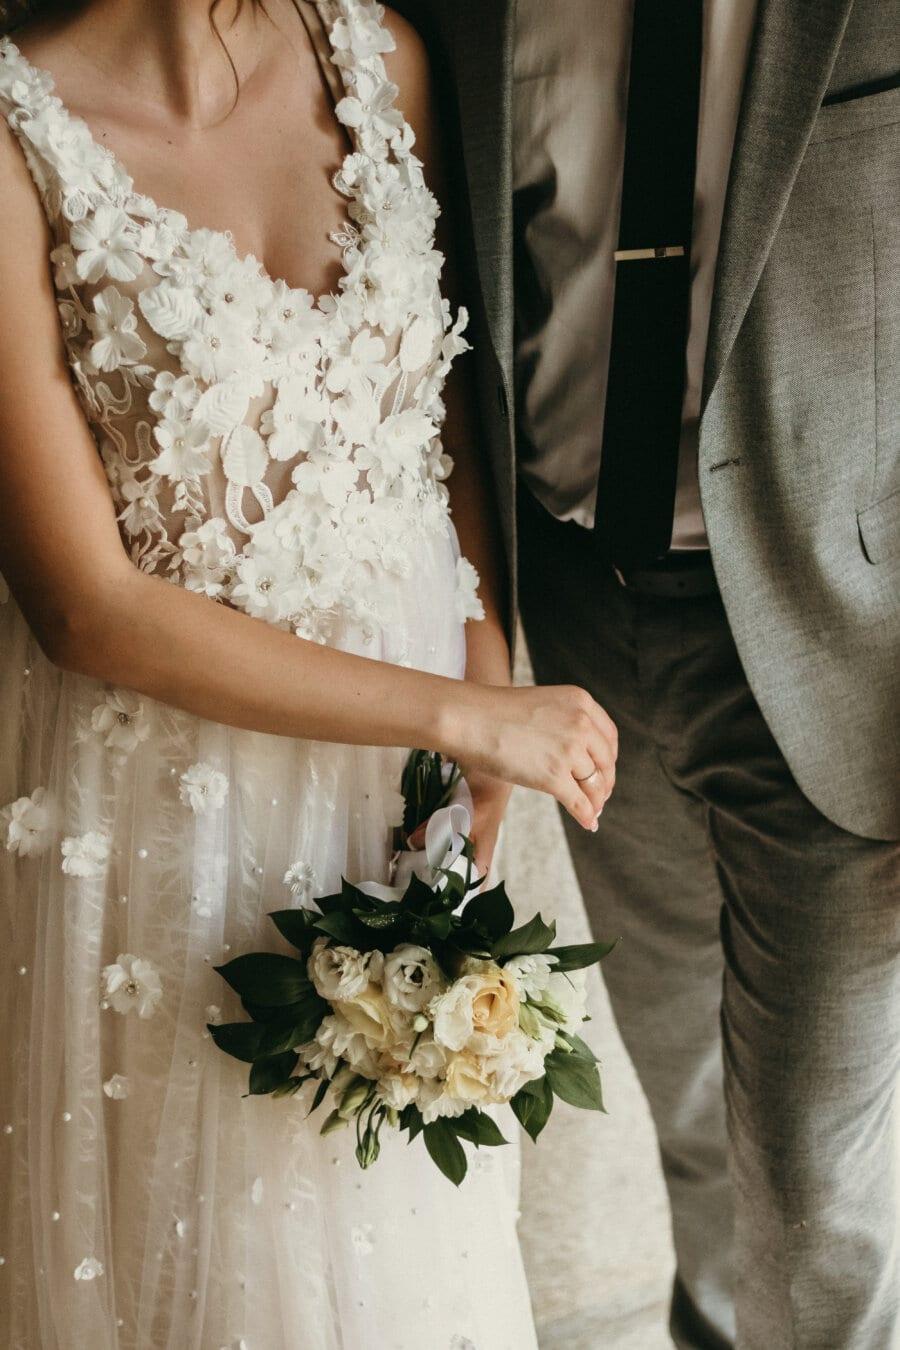 พิธี, จับมือ, งานแต่งงาน, ช่อดอกไม้งานแต่ง, สามี, ภรรยา, เจ้าสาว, การแต่งงาน, ความรัก, ดอกไม้